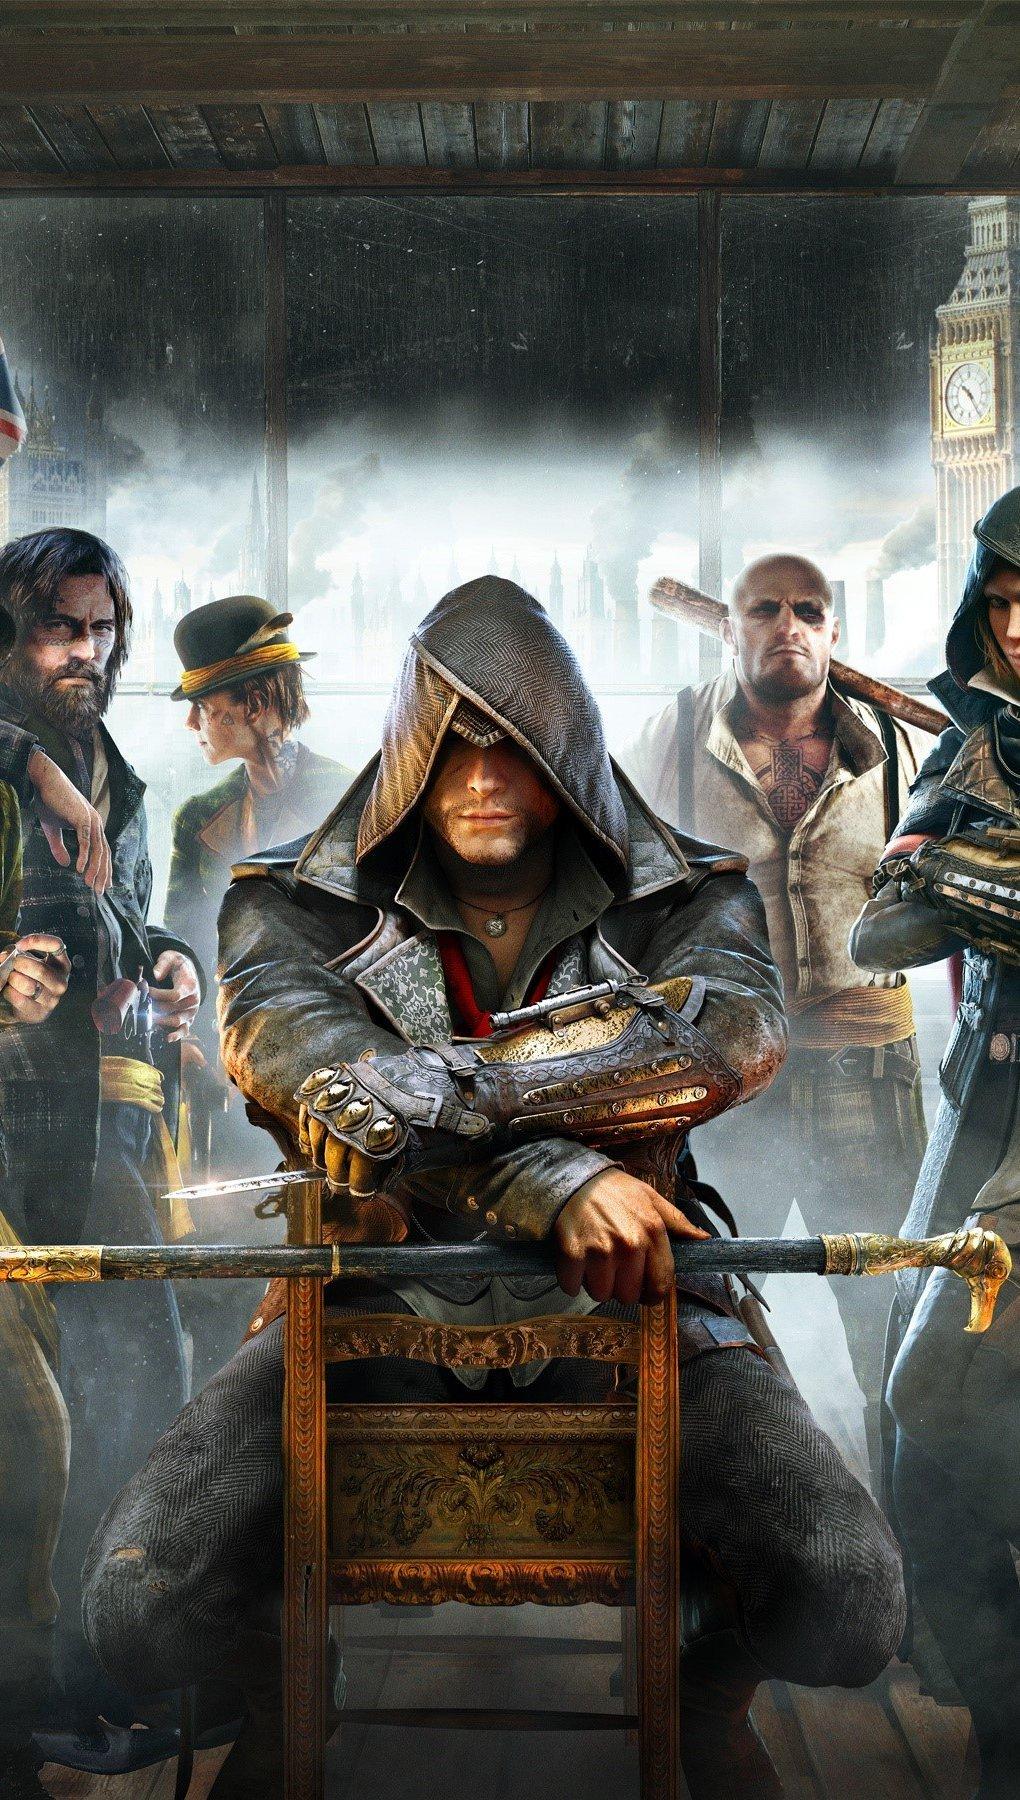 Fondos de pantalla Juego Assassins Creed Syndicate Vertical